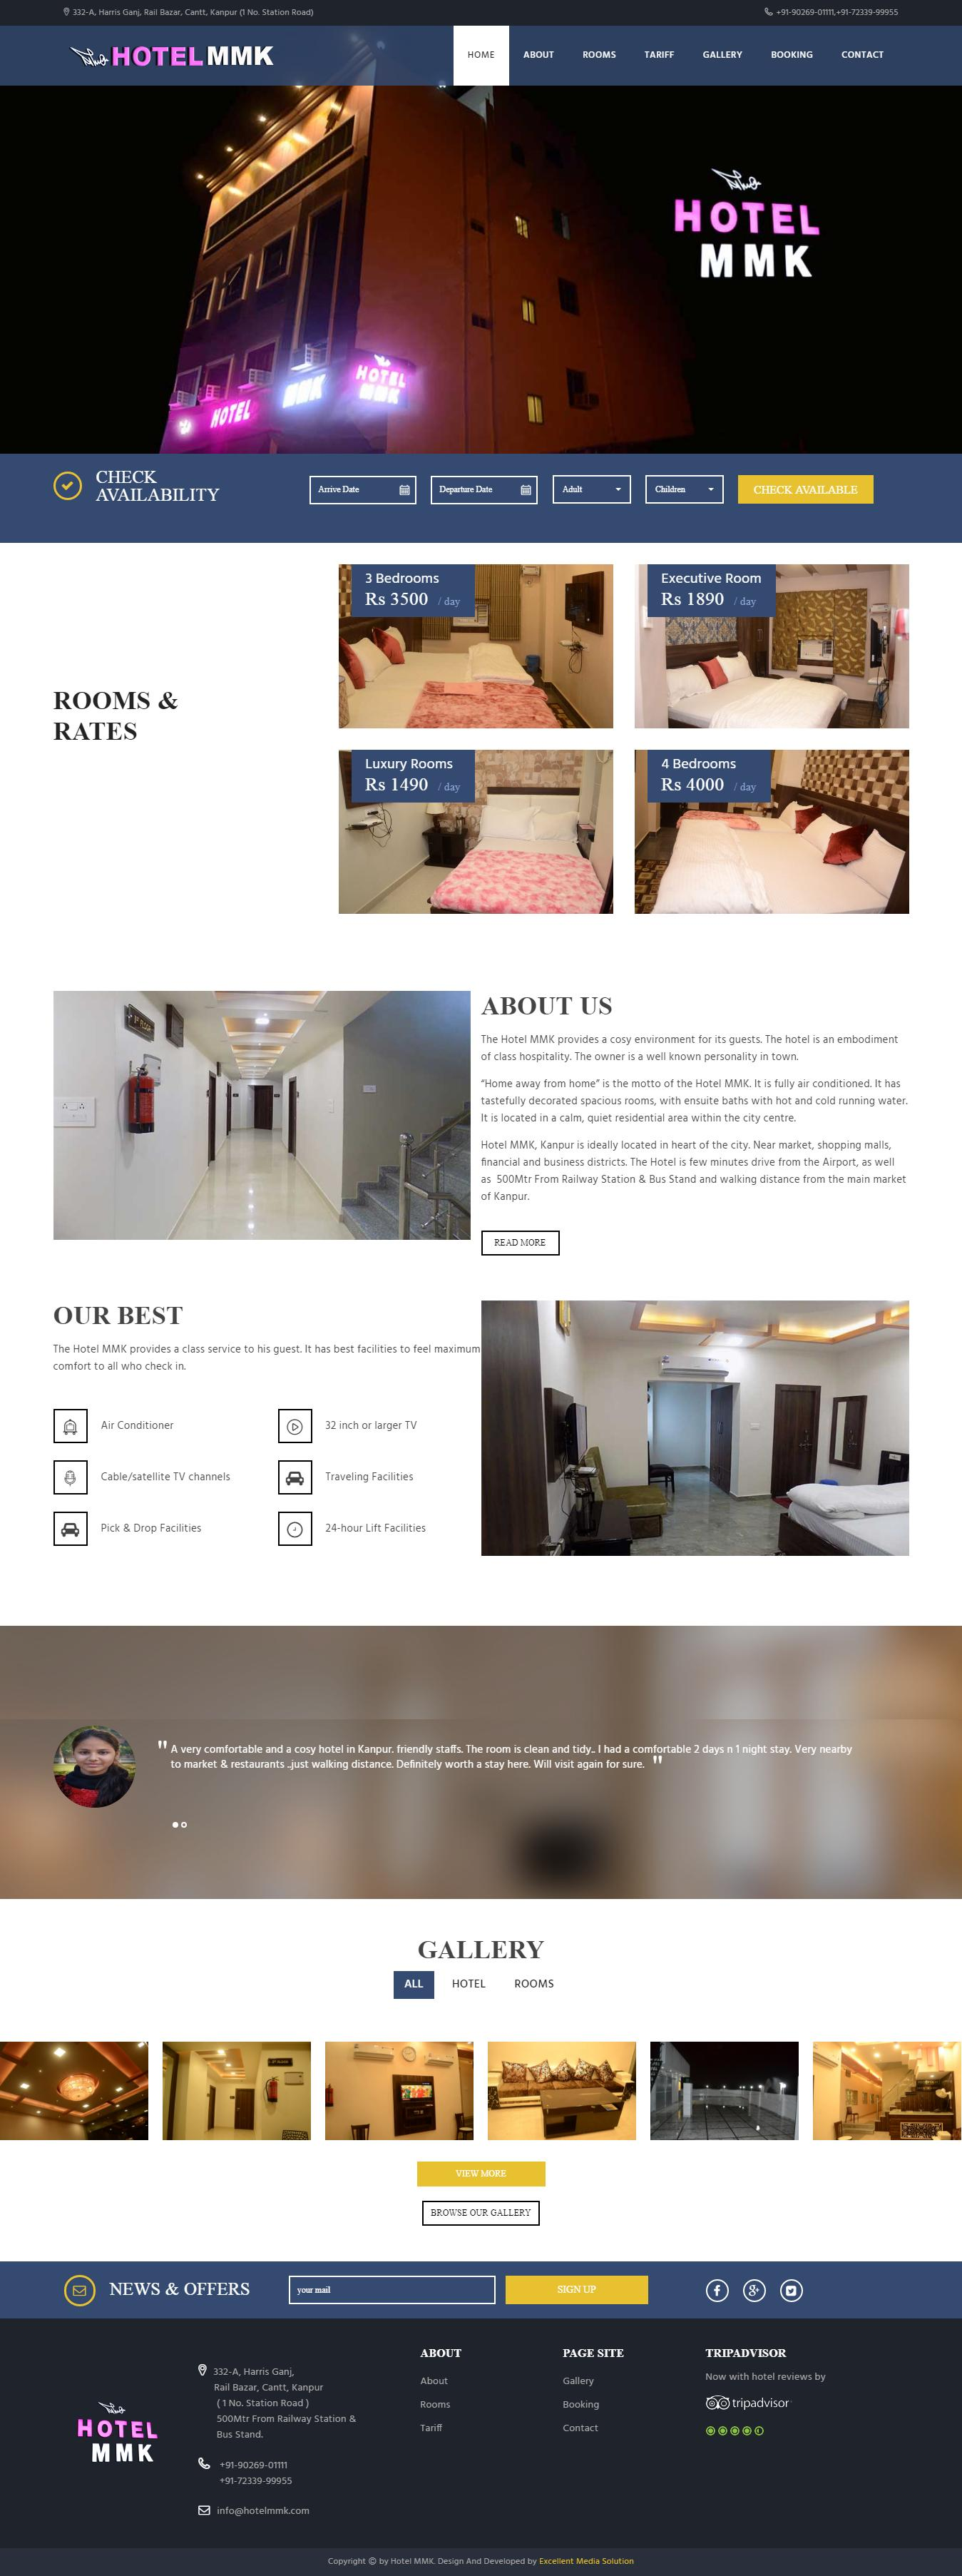 Hotel-MMK.jpg